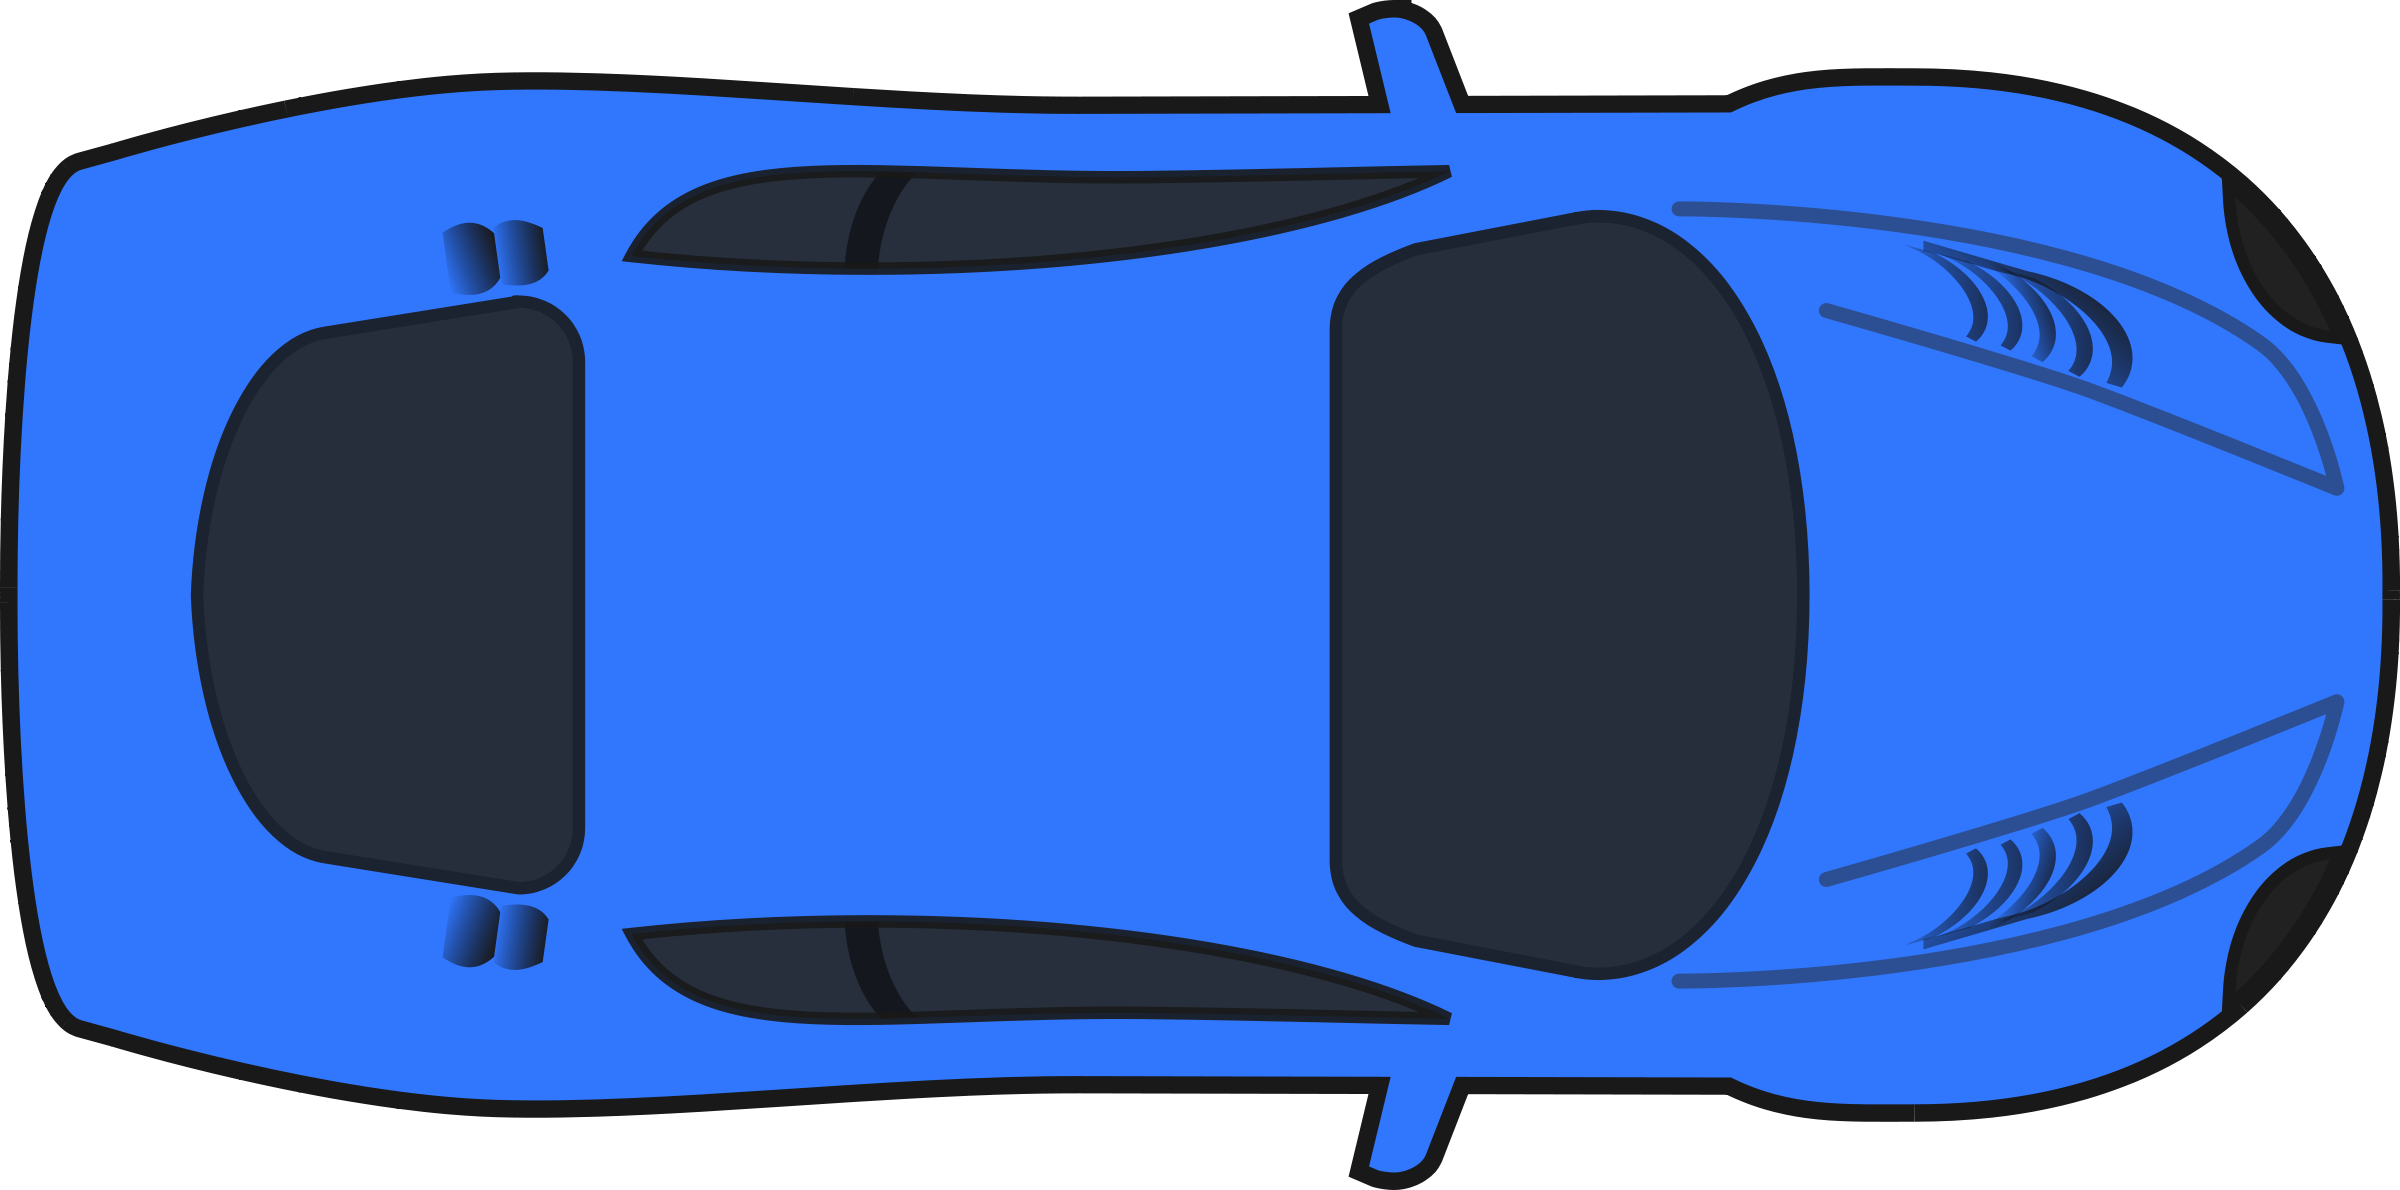 Car clipart overhead